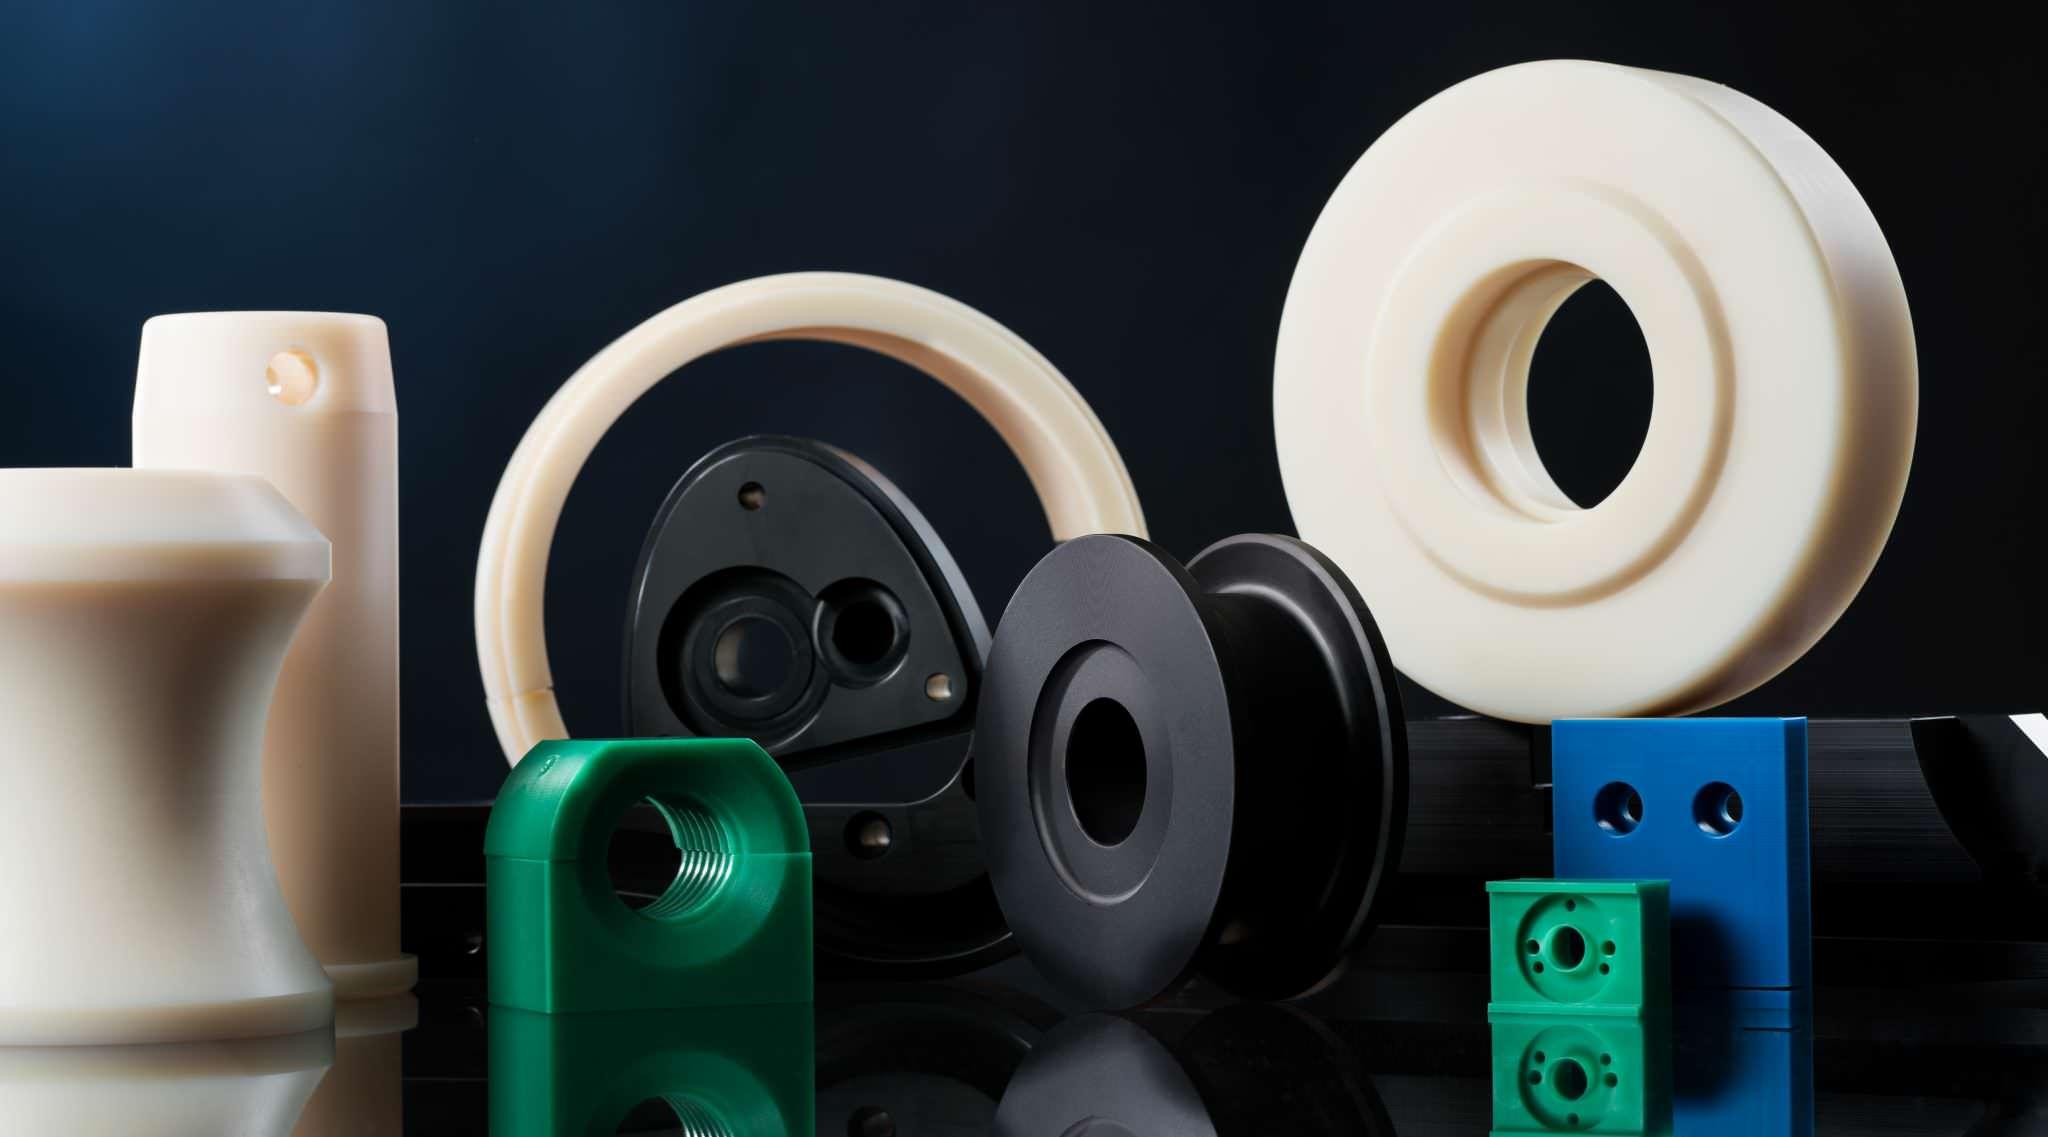 SDG Kunststoffe Ihr Zerspaner von Thermoplasten. Drehteile und Frästeile aus technischen Kunststoffen